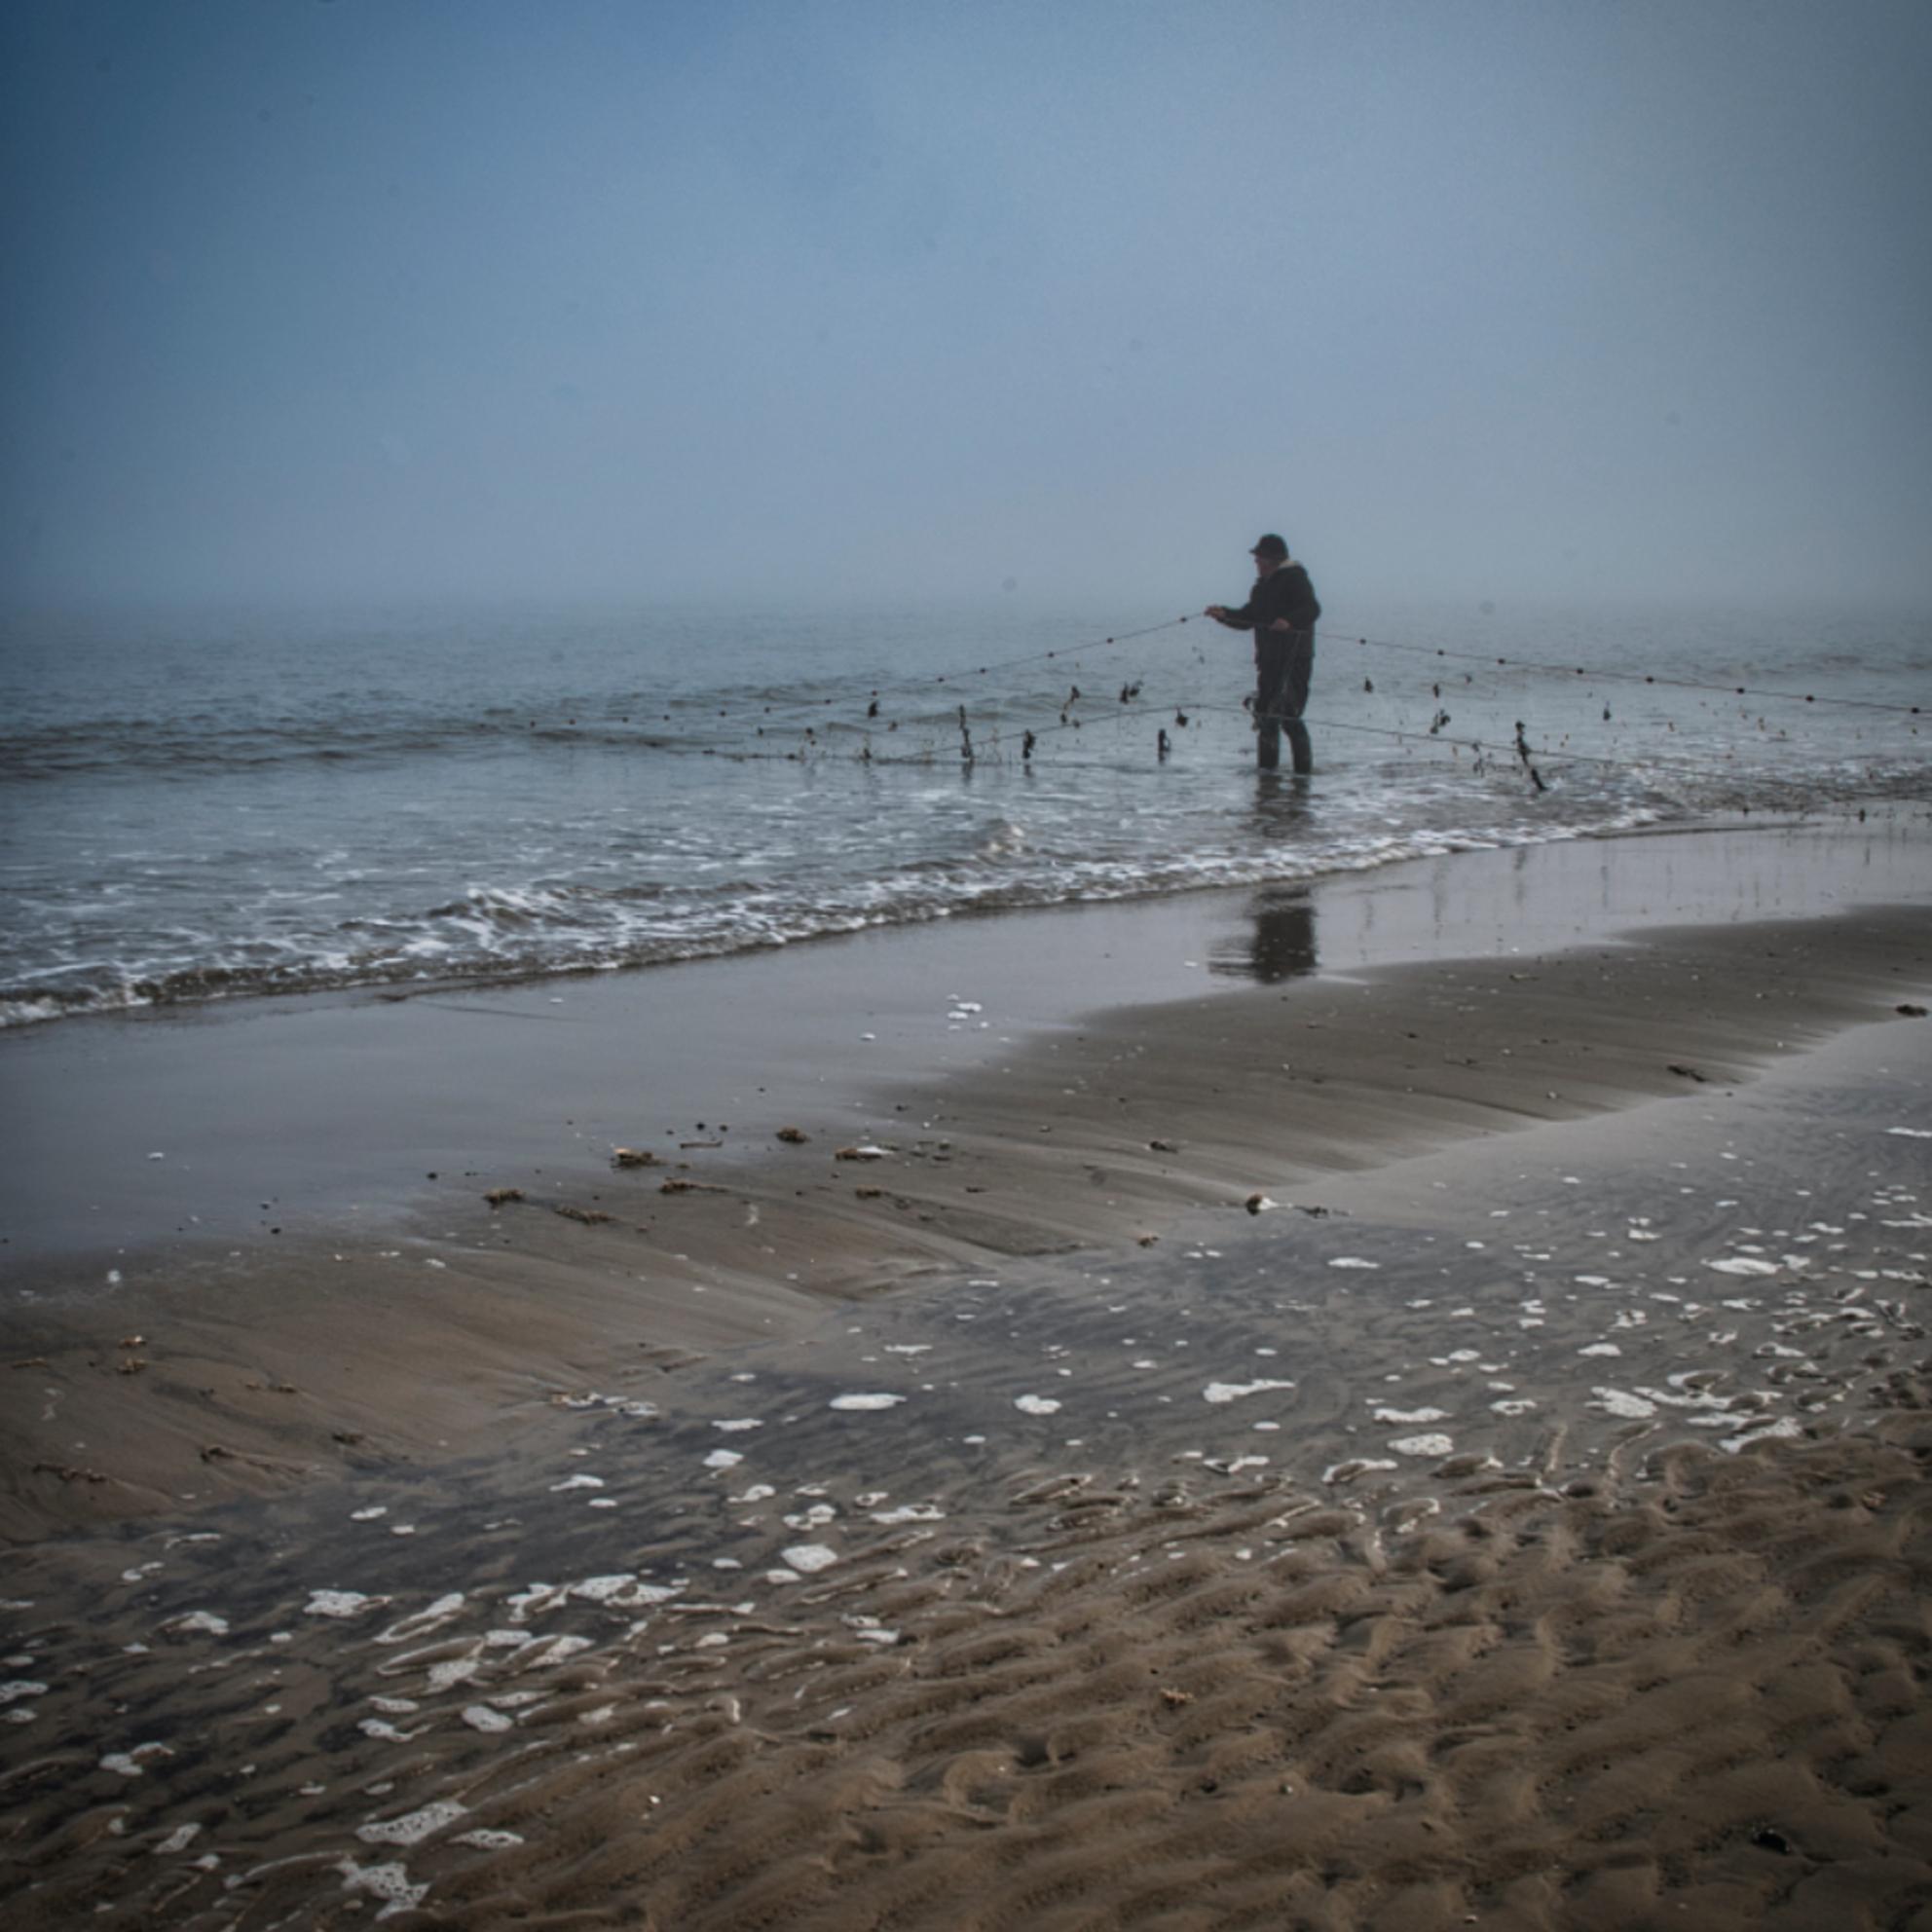 visser - Visnetten controleren in de vroege en mistige ochtend. - foto door Tomverdam op 04-03-2021 - deze foto bevat: strand, landschap, mist, zonsopkomst, kust, ameland - Deze foto mag gebruikt worden in een Zoom.nl publicatie